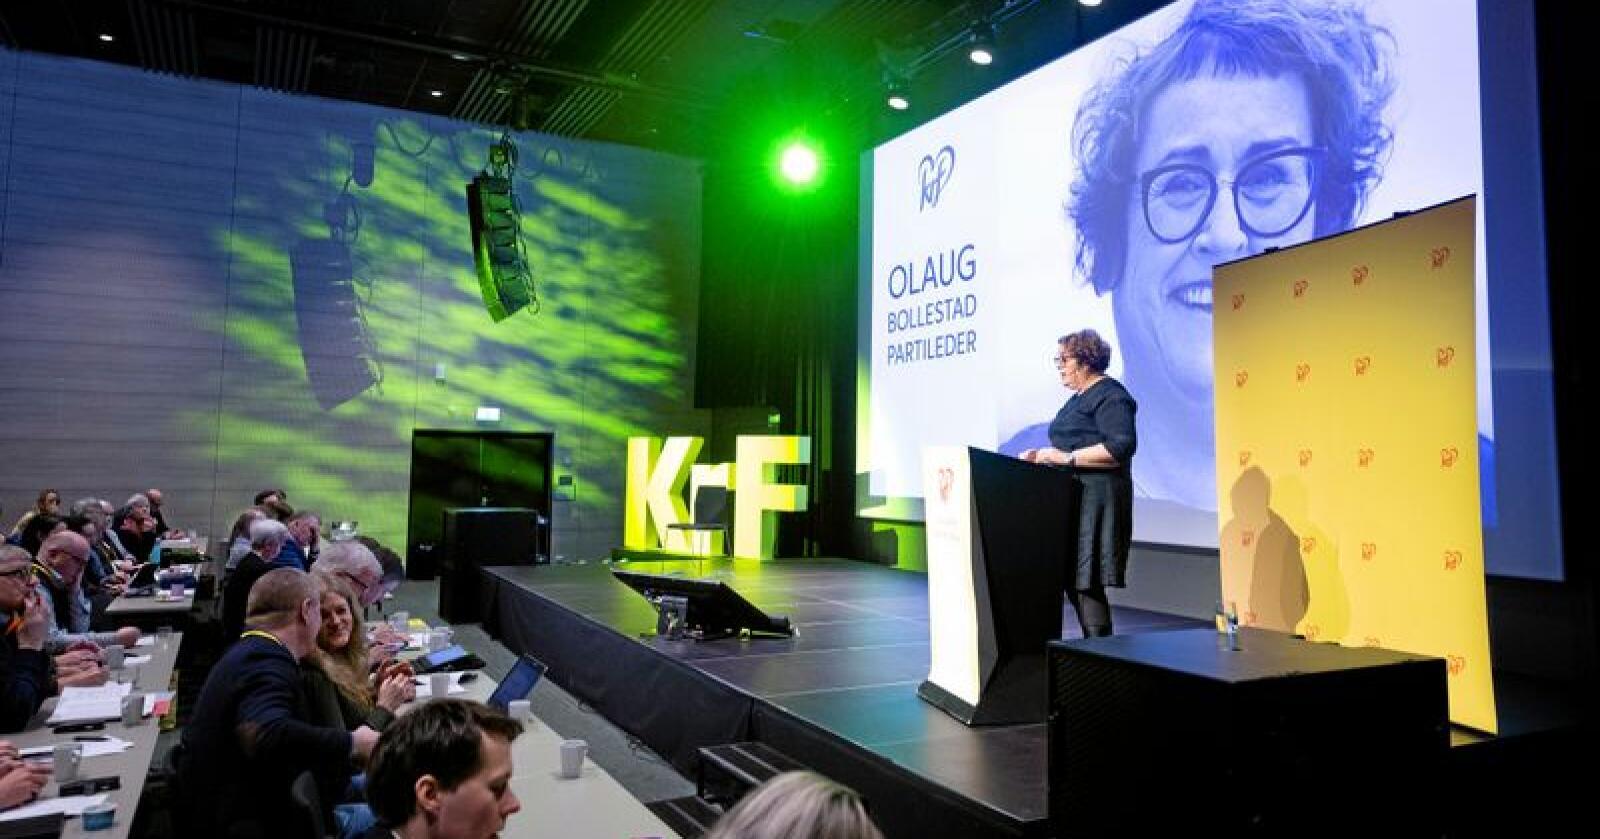 Fungerende KrF-leder Olaug Bollestad på KrFs landskonferanse på Gardermoen lørdag. Hun la spesielt vekt på gjennomslagene partiet har fått i Granavolden-erklæringen, men oppfordret samtidig til å finne sammen som parti etter en intens periode med retningsvalg i partiet. Foto: Fredrik Hagen / NTB scanpix